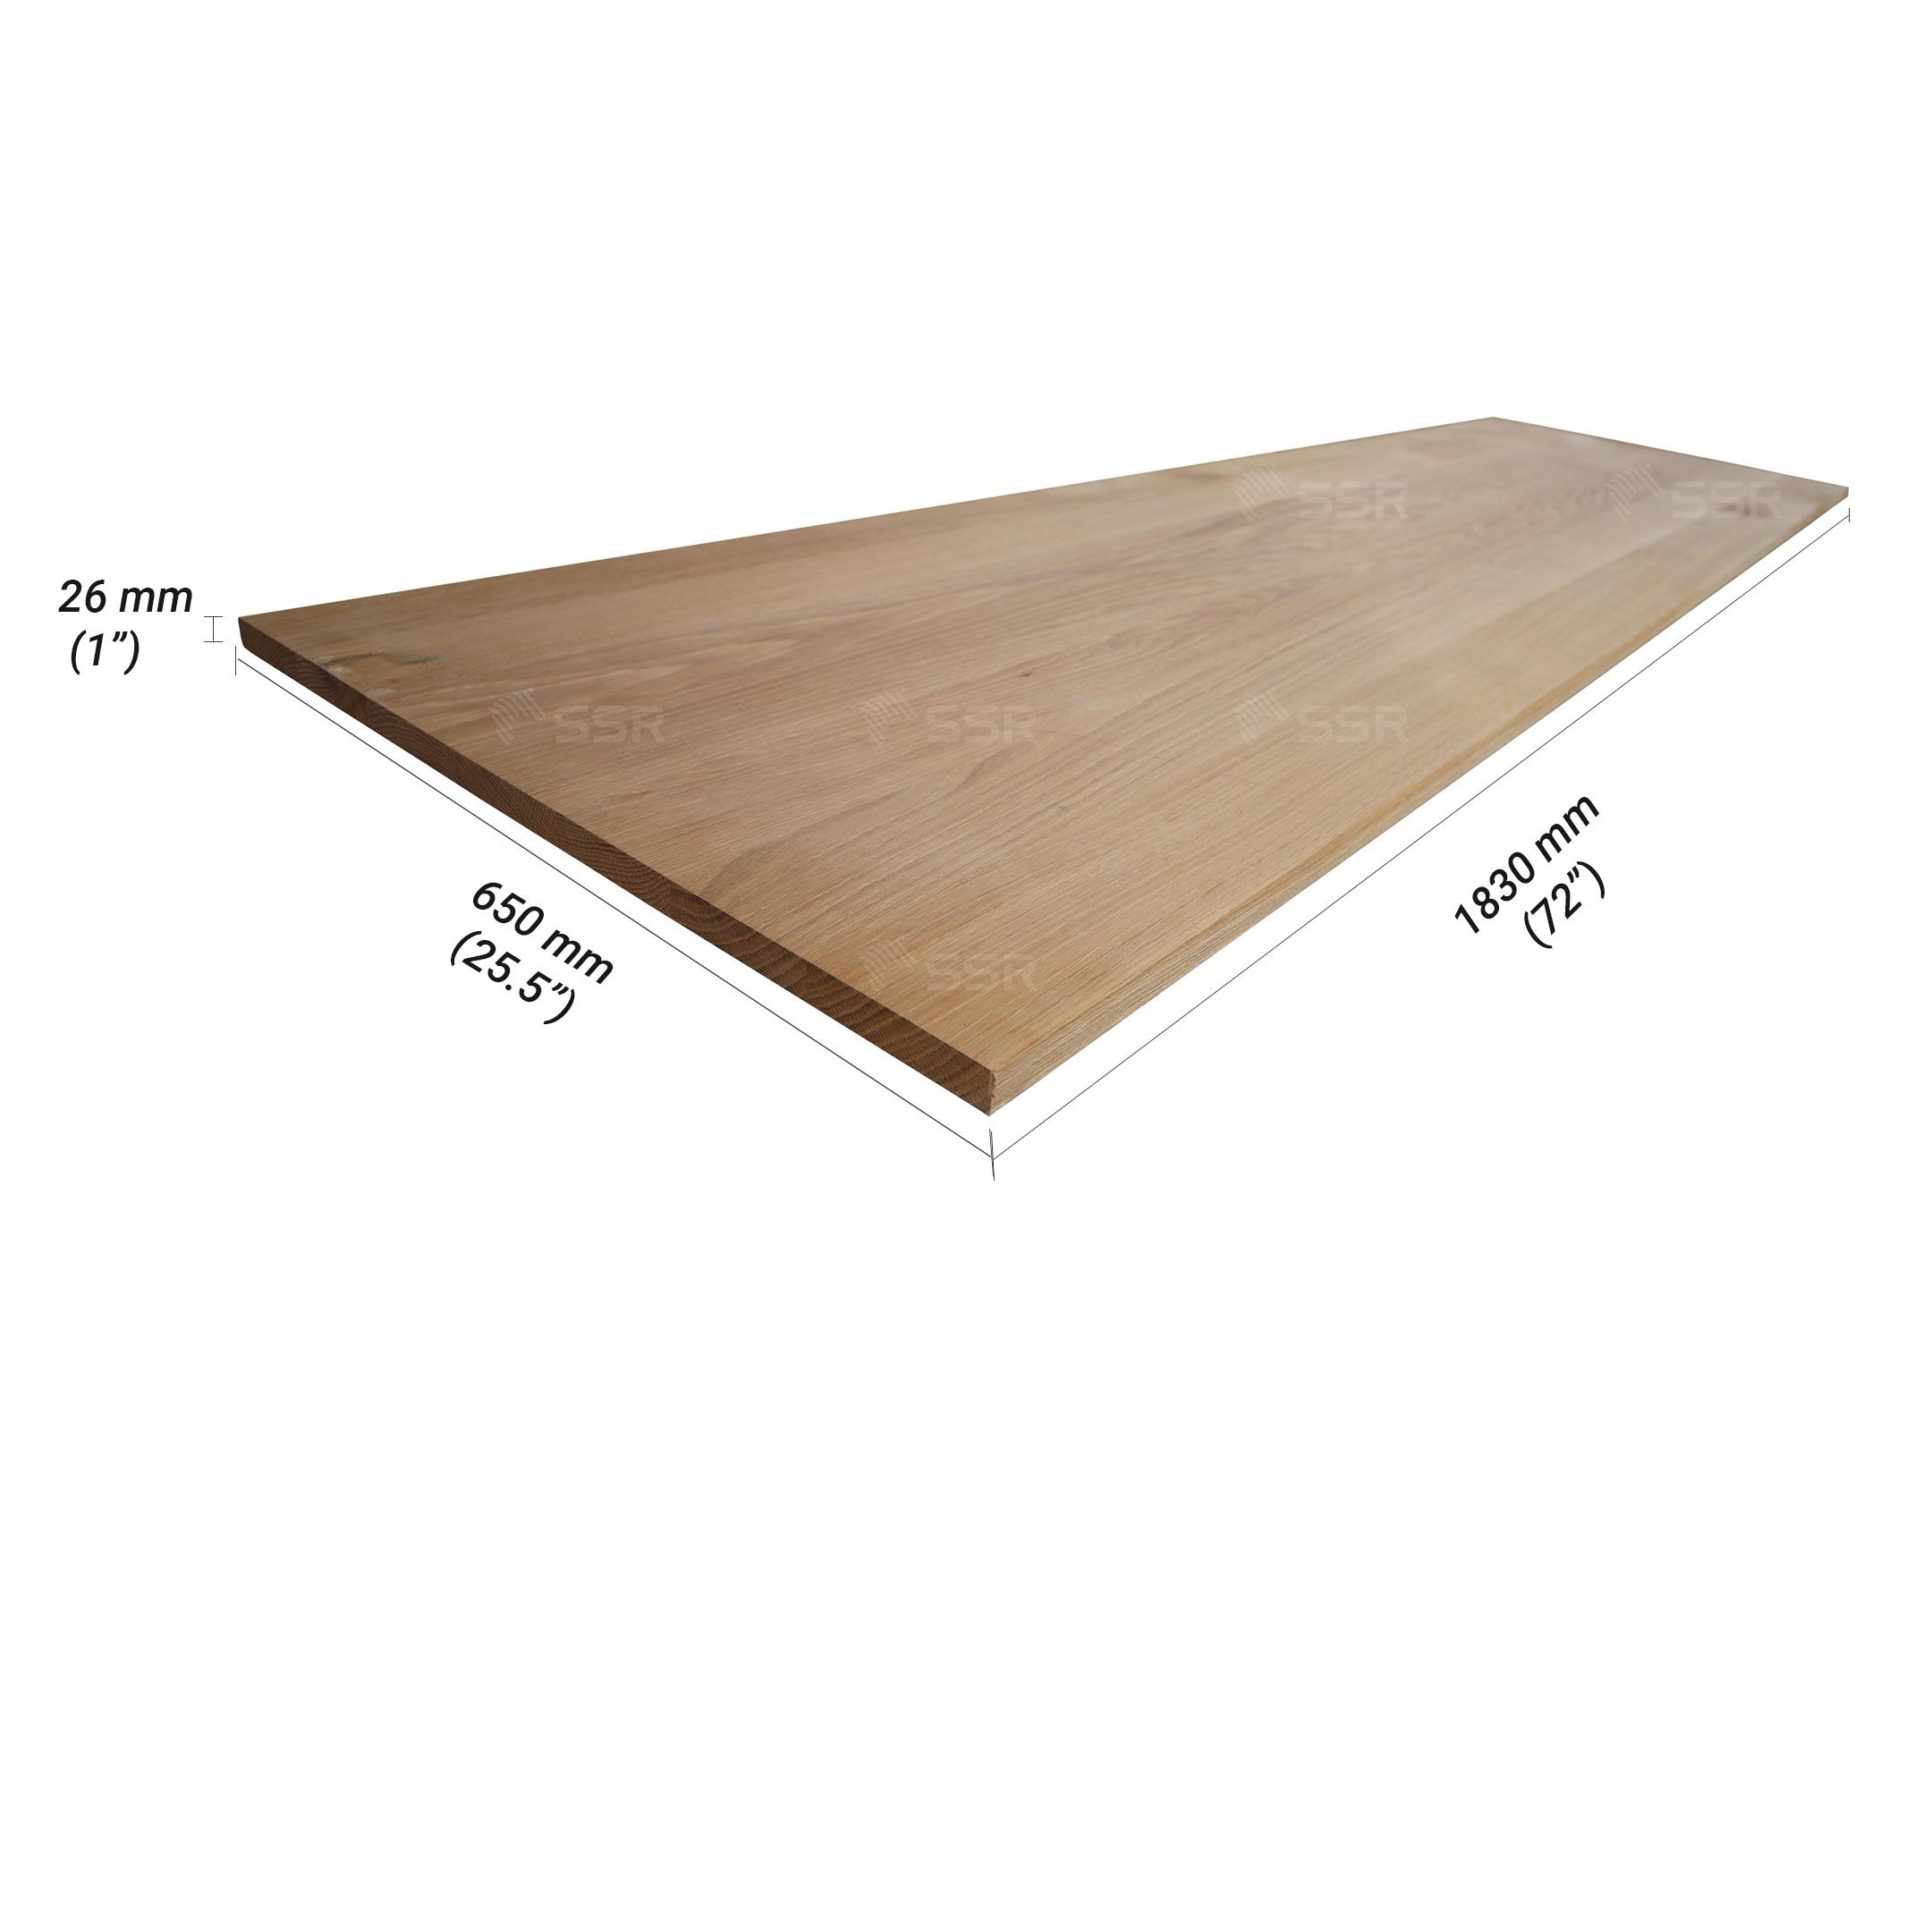 Chêne Bois massif Bois dur Joint de bois Panneau de bois Planche de bois Industrie du bois Global Fournisseur international de produits en bois De gros Certifié FSC Commerce international Importation Exportation